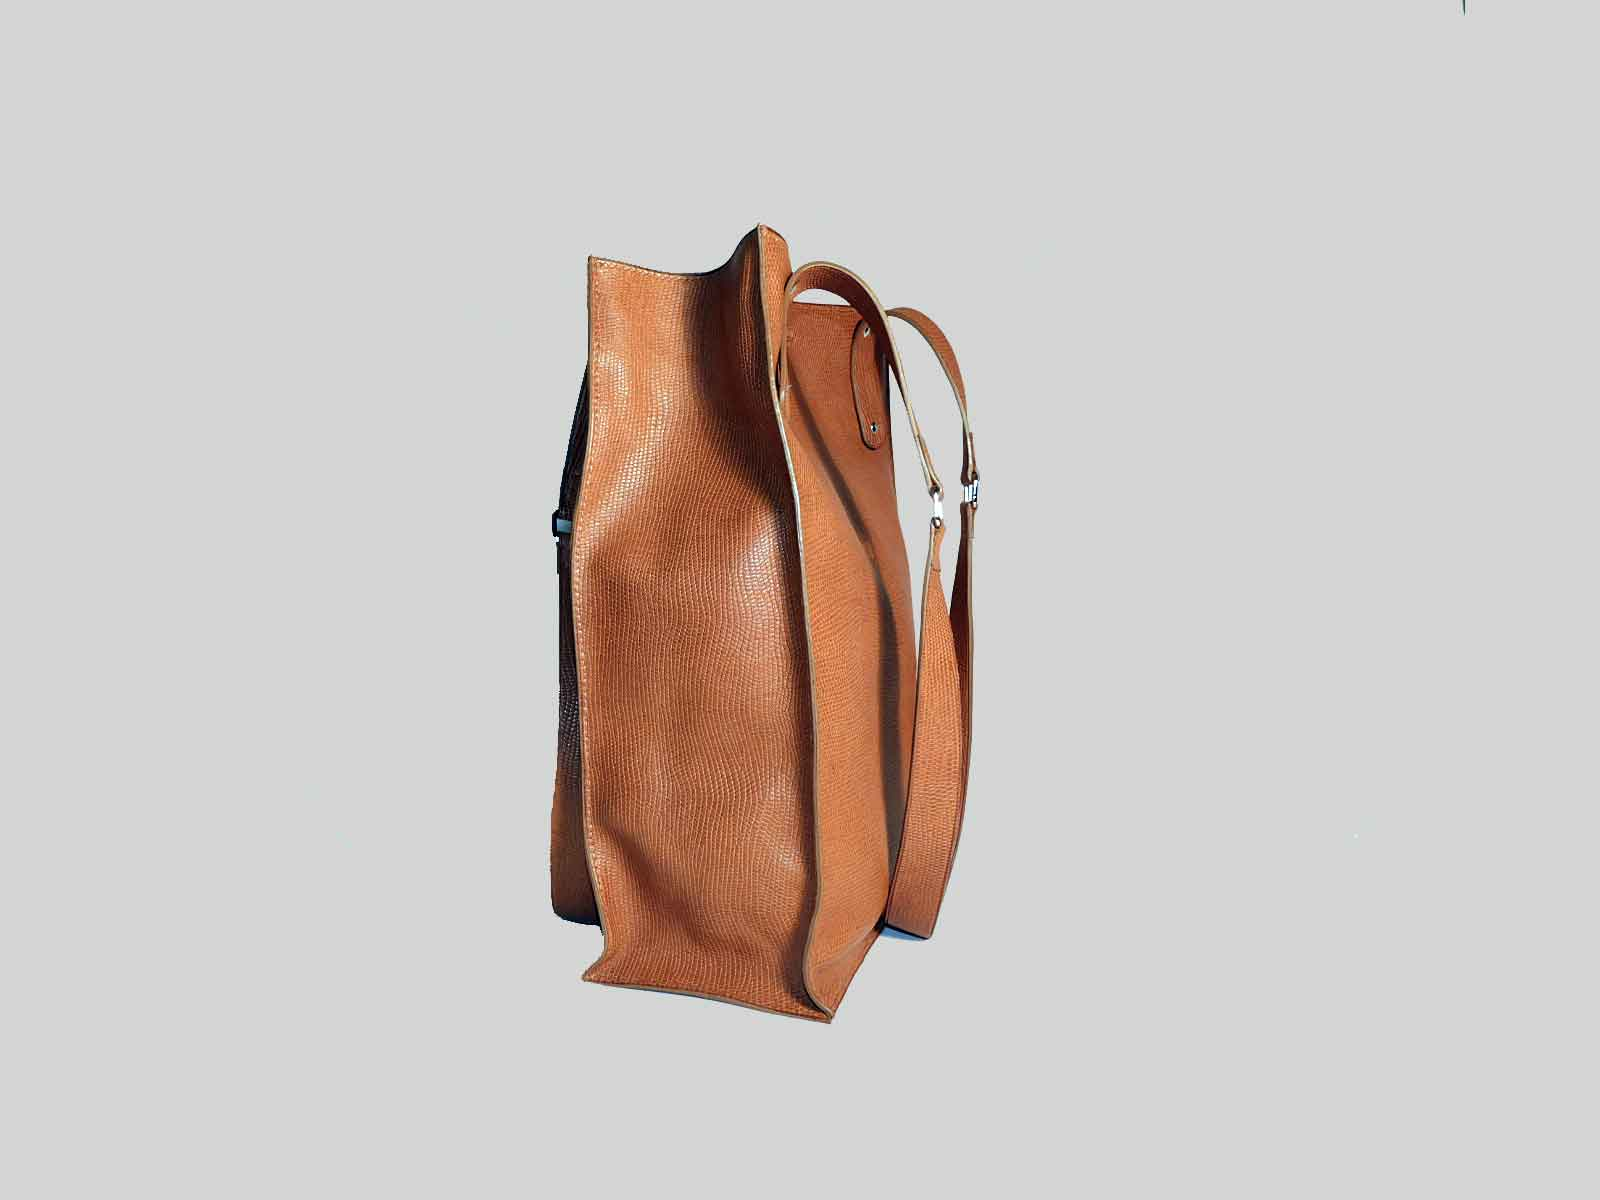 KAMET 3.0 sac shopping en cuir de veau façon reptile fauve